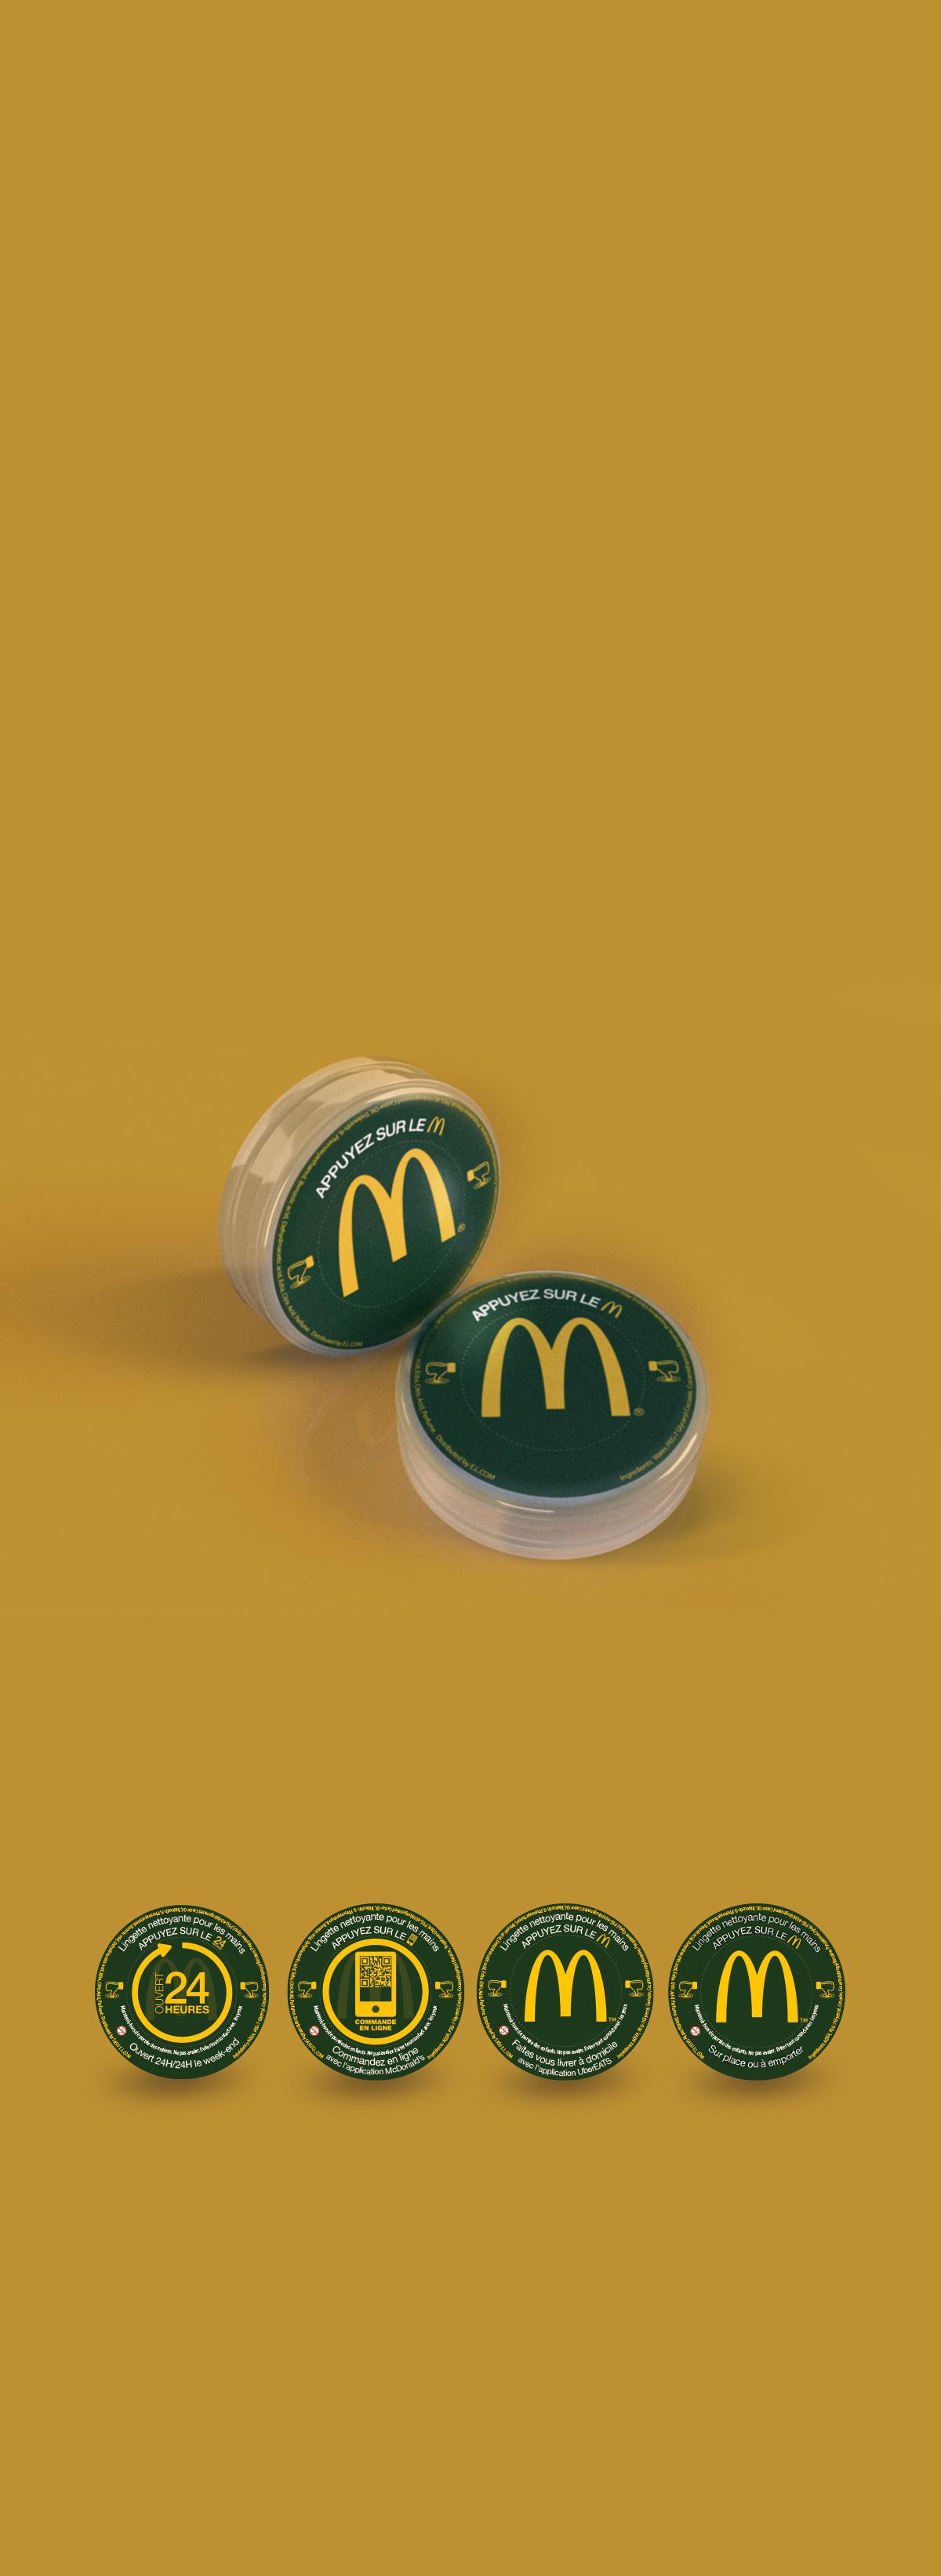 mc Donald's, Lingette, 3d, photo réalisme